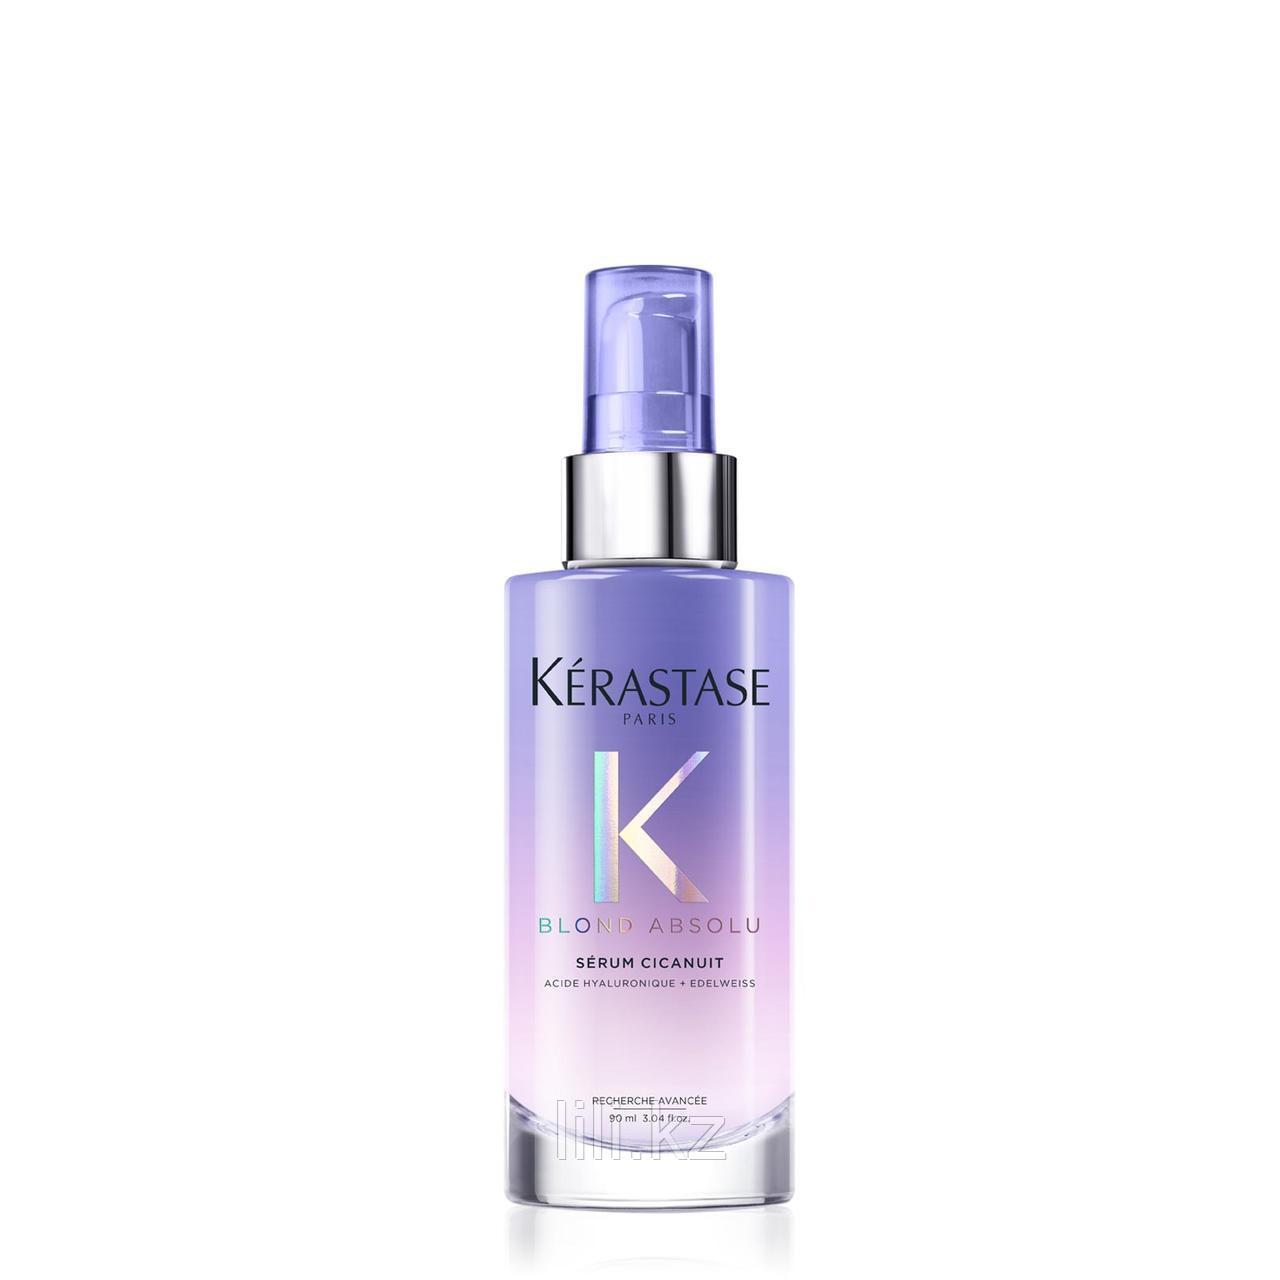 Ночная восстанавливающая сыворотка Kerastase Blond Absolu Serum Cicanuit 90 мл.